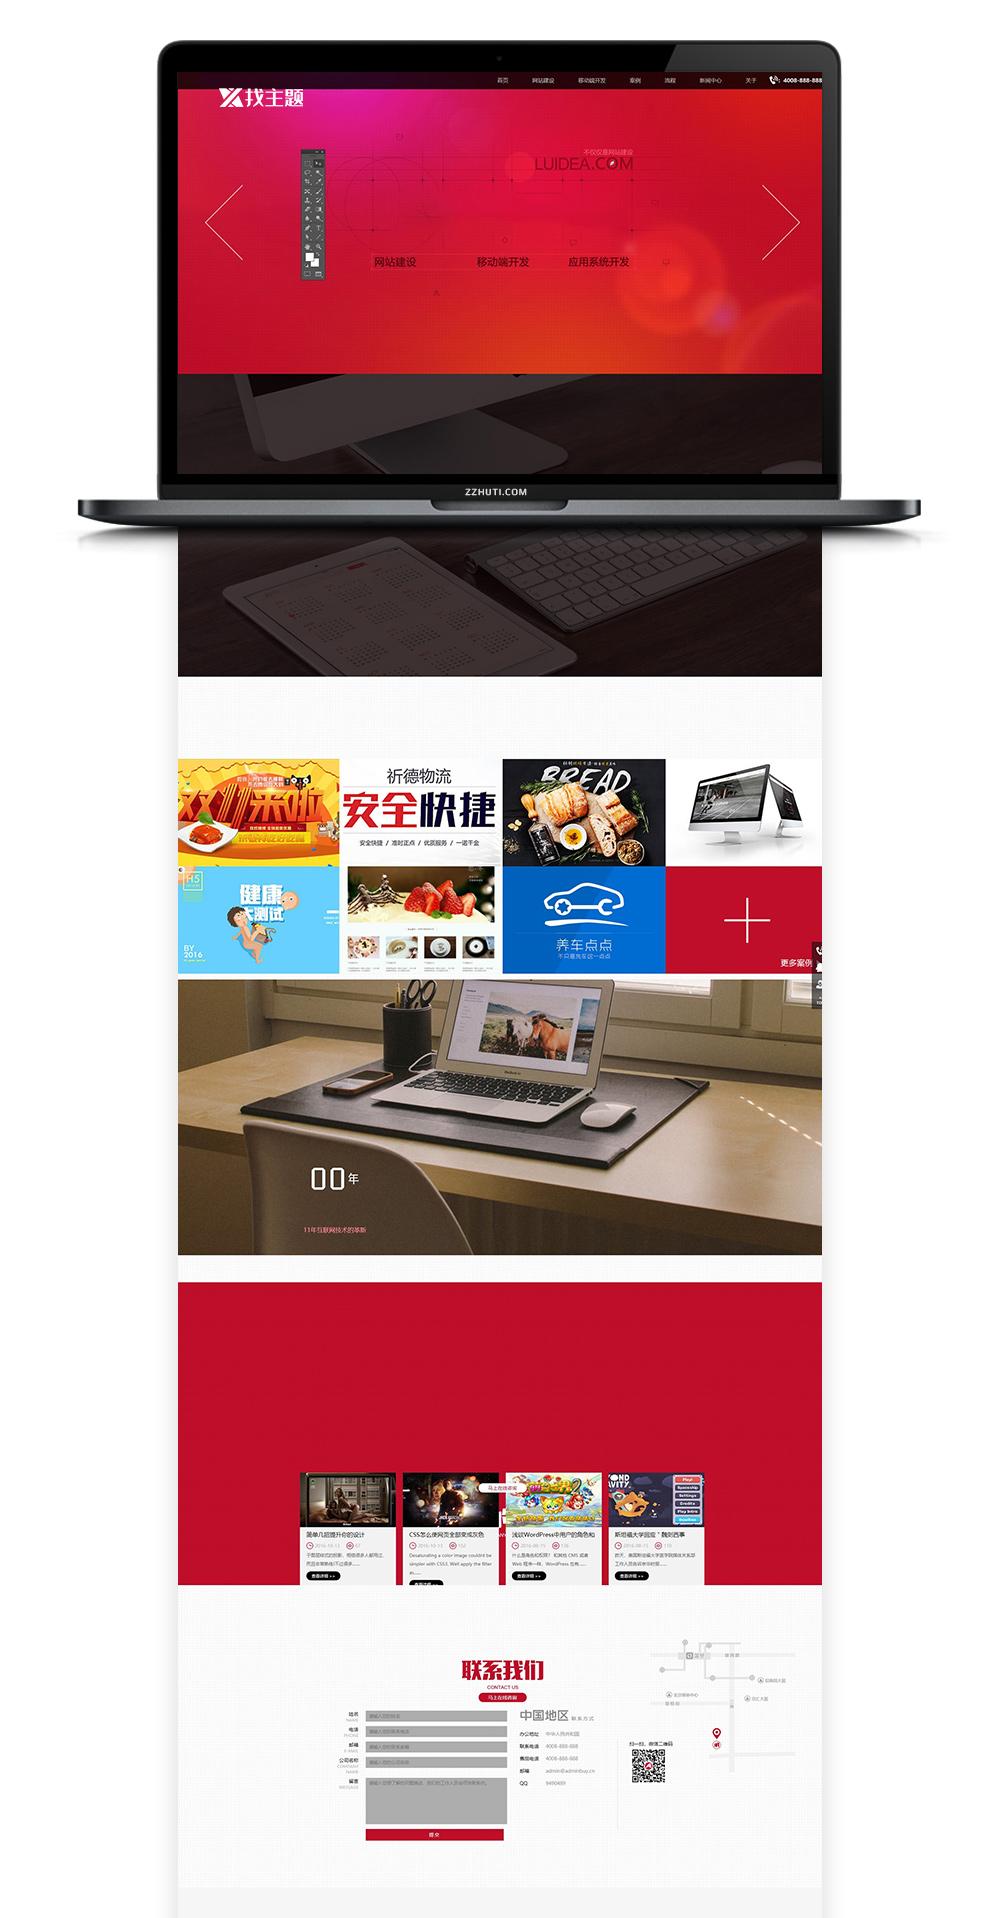 【网络工作室】织梦cms模板 红色网站源码 自适应手机版-找主题源码